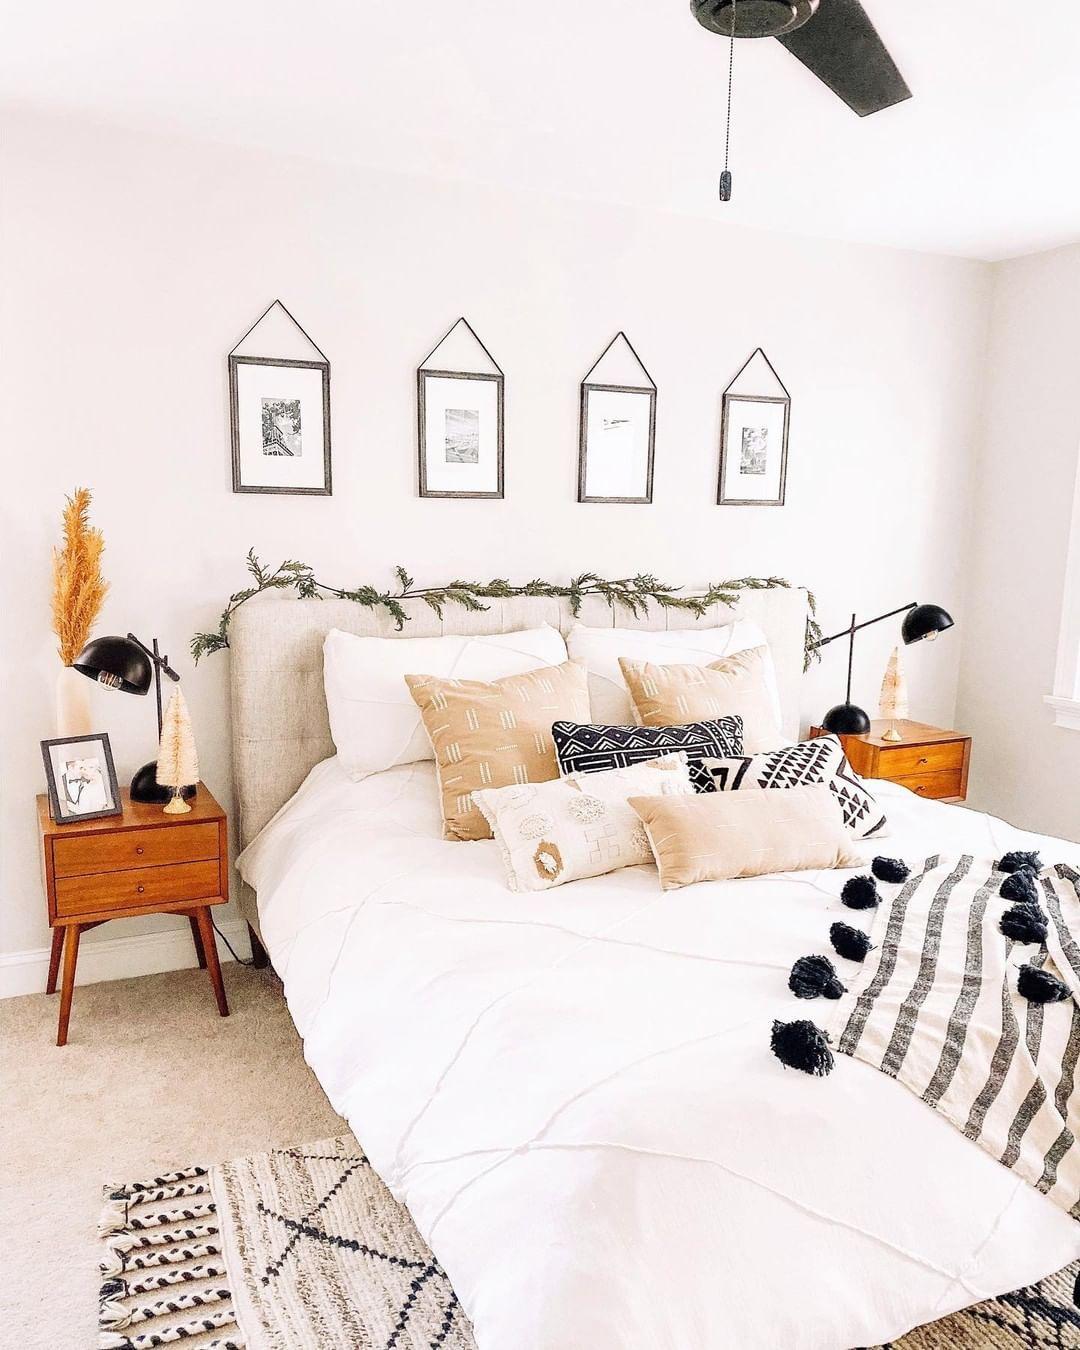 Ltkhome On Instagram Bedroom Inspo Care Of Homedesignbyjaime